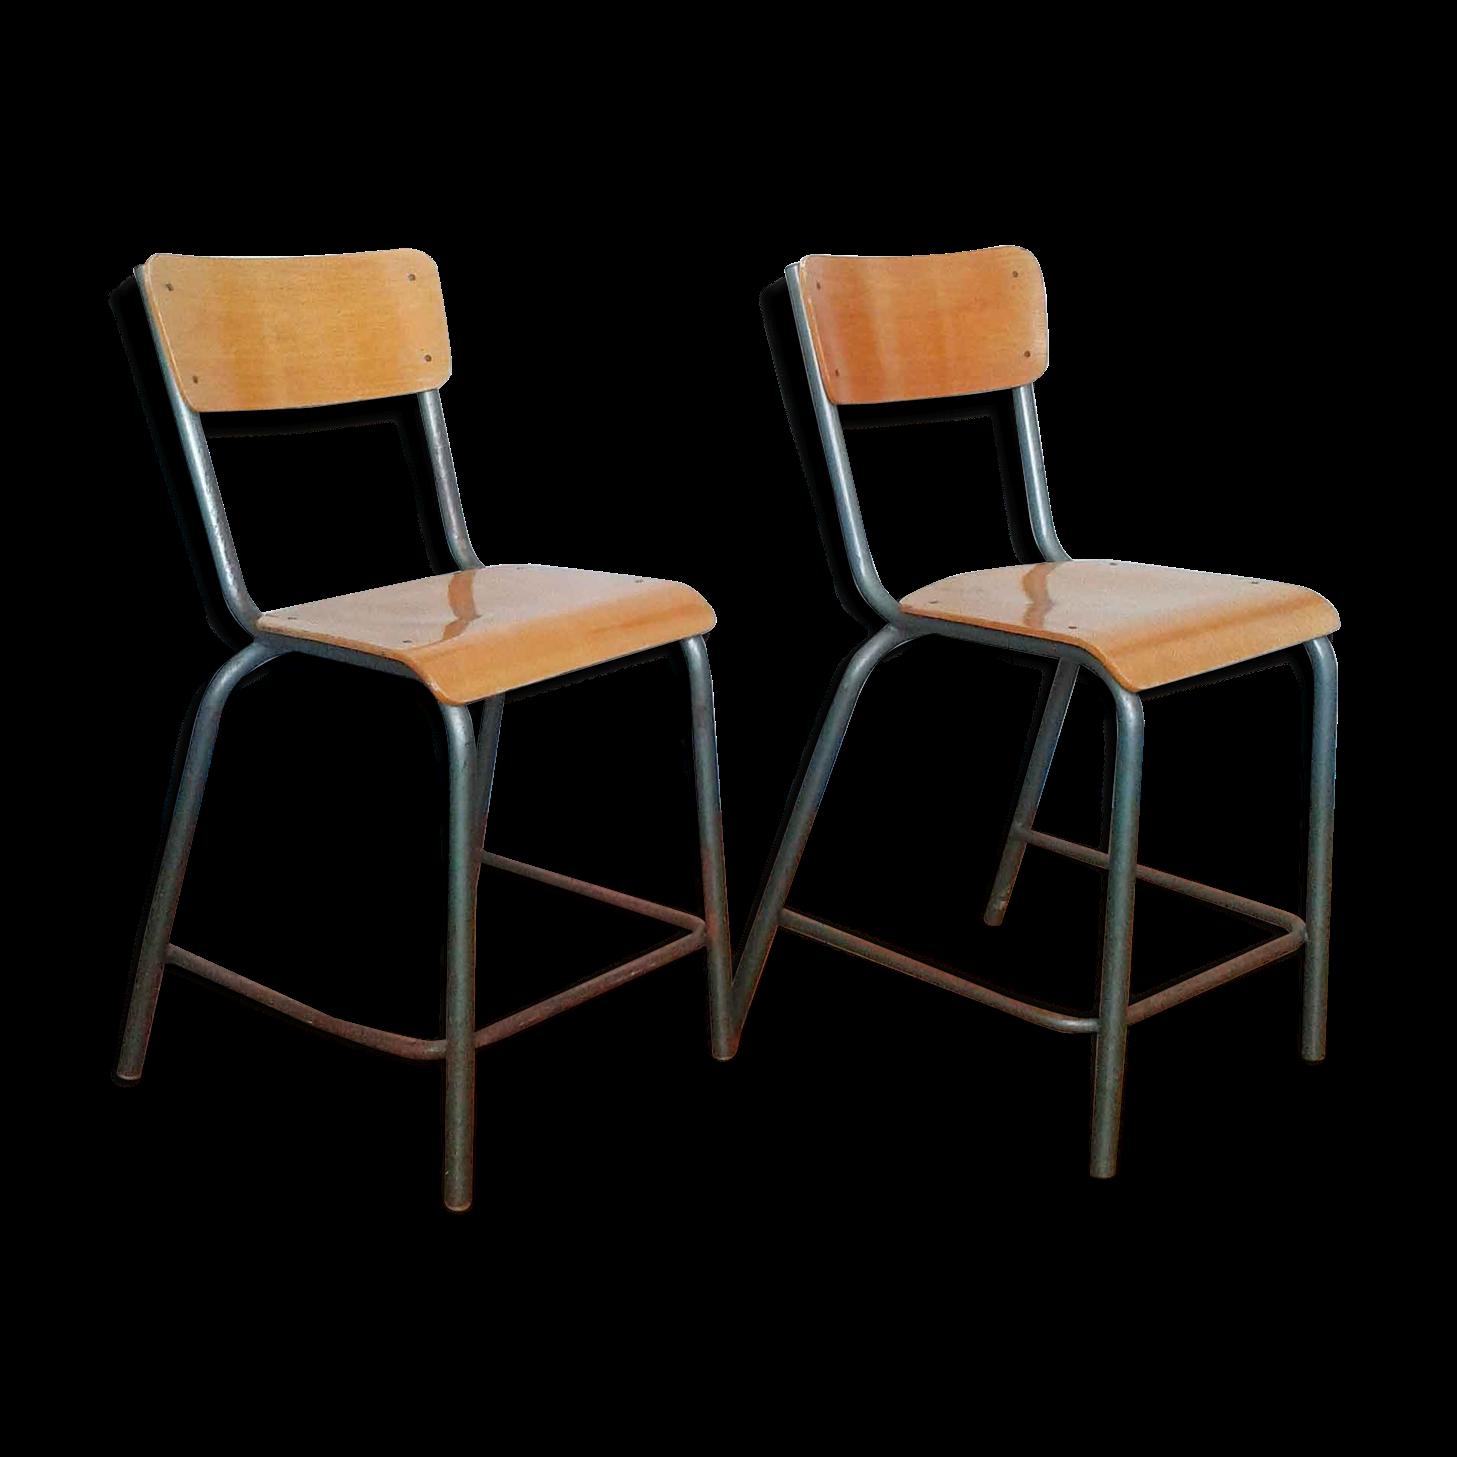 Chaise D École Mullca paire de chaises d'école type mullca | chaise, chaise bar